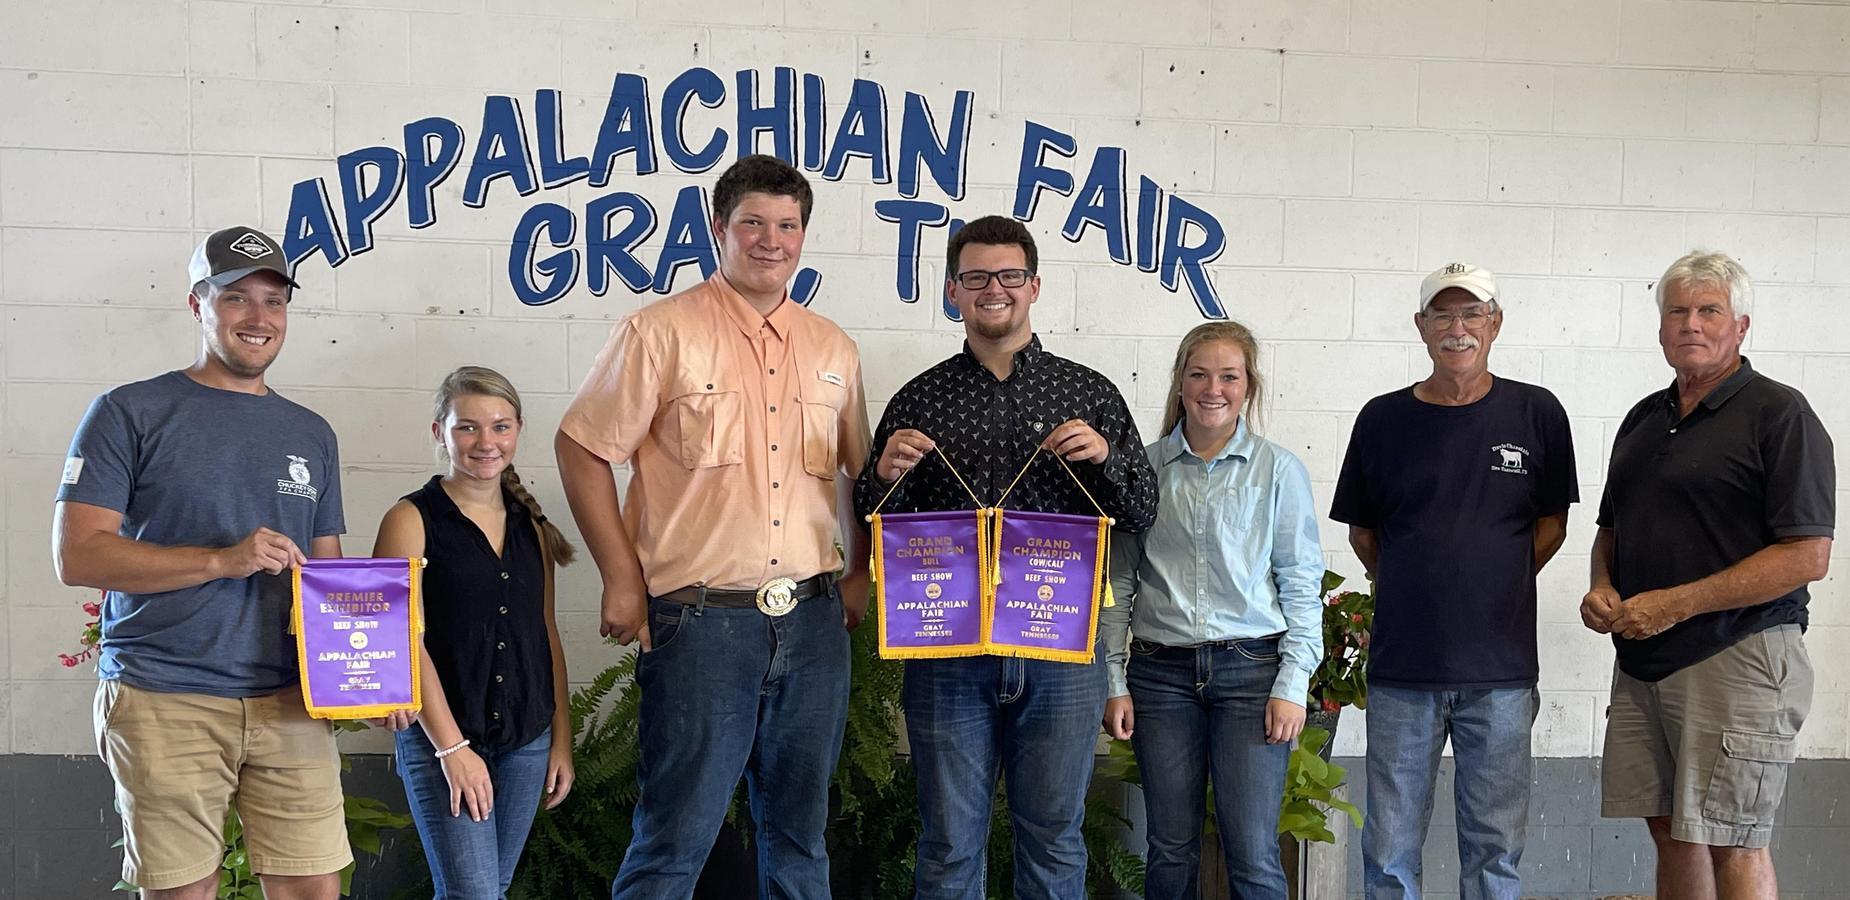 Appalachian Fair Part 2